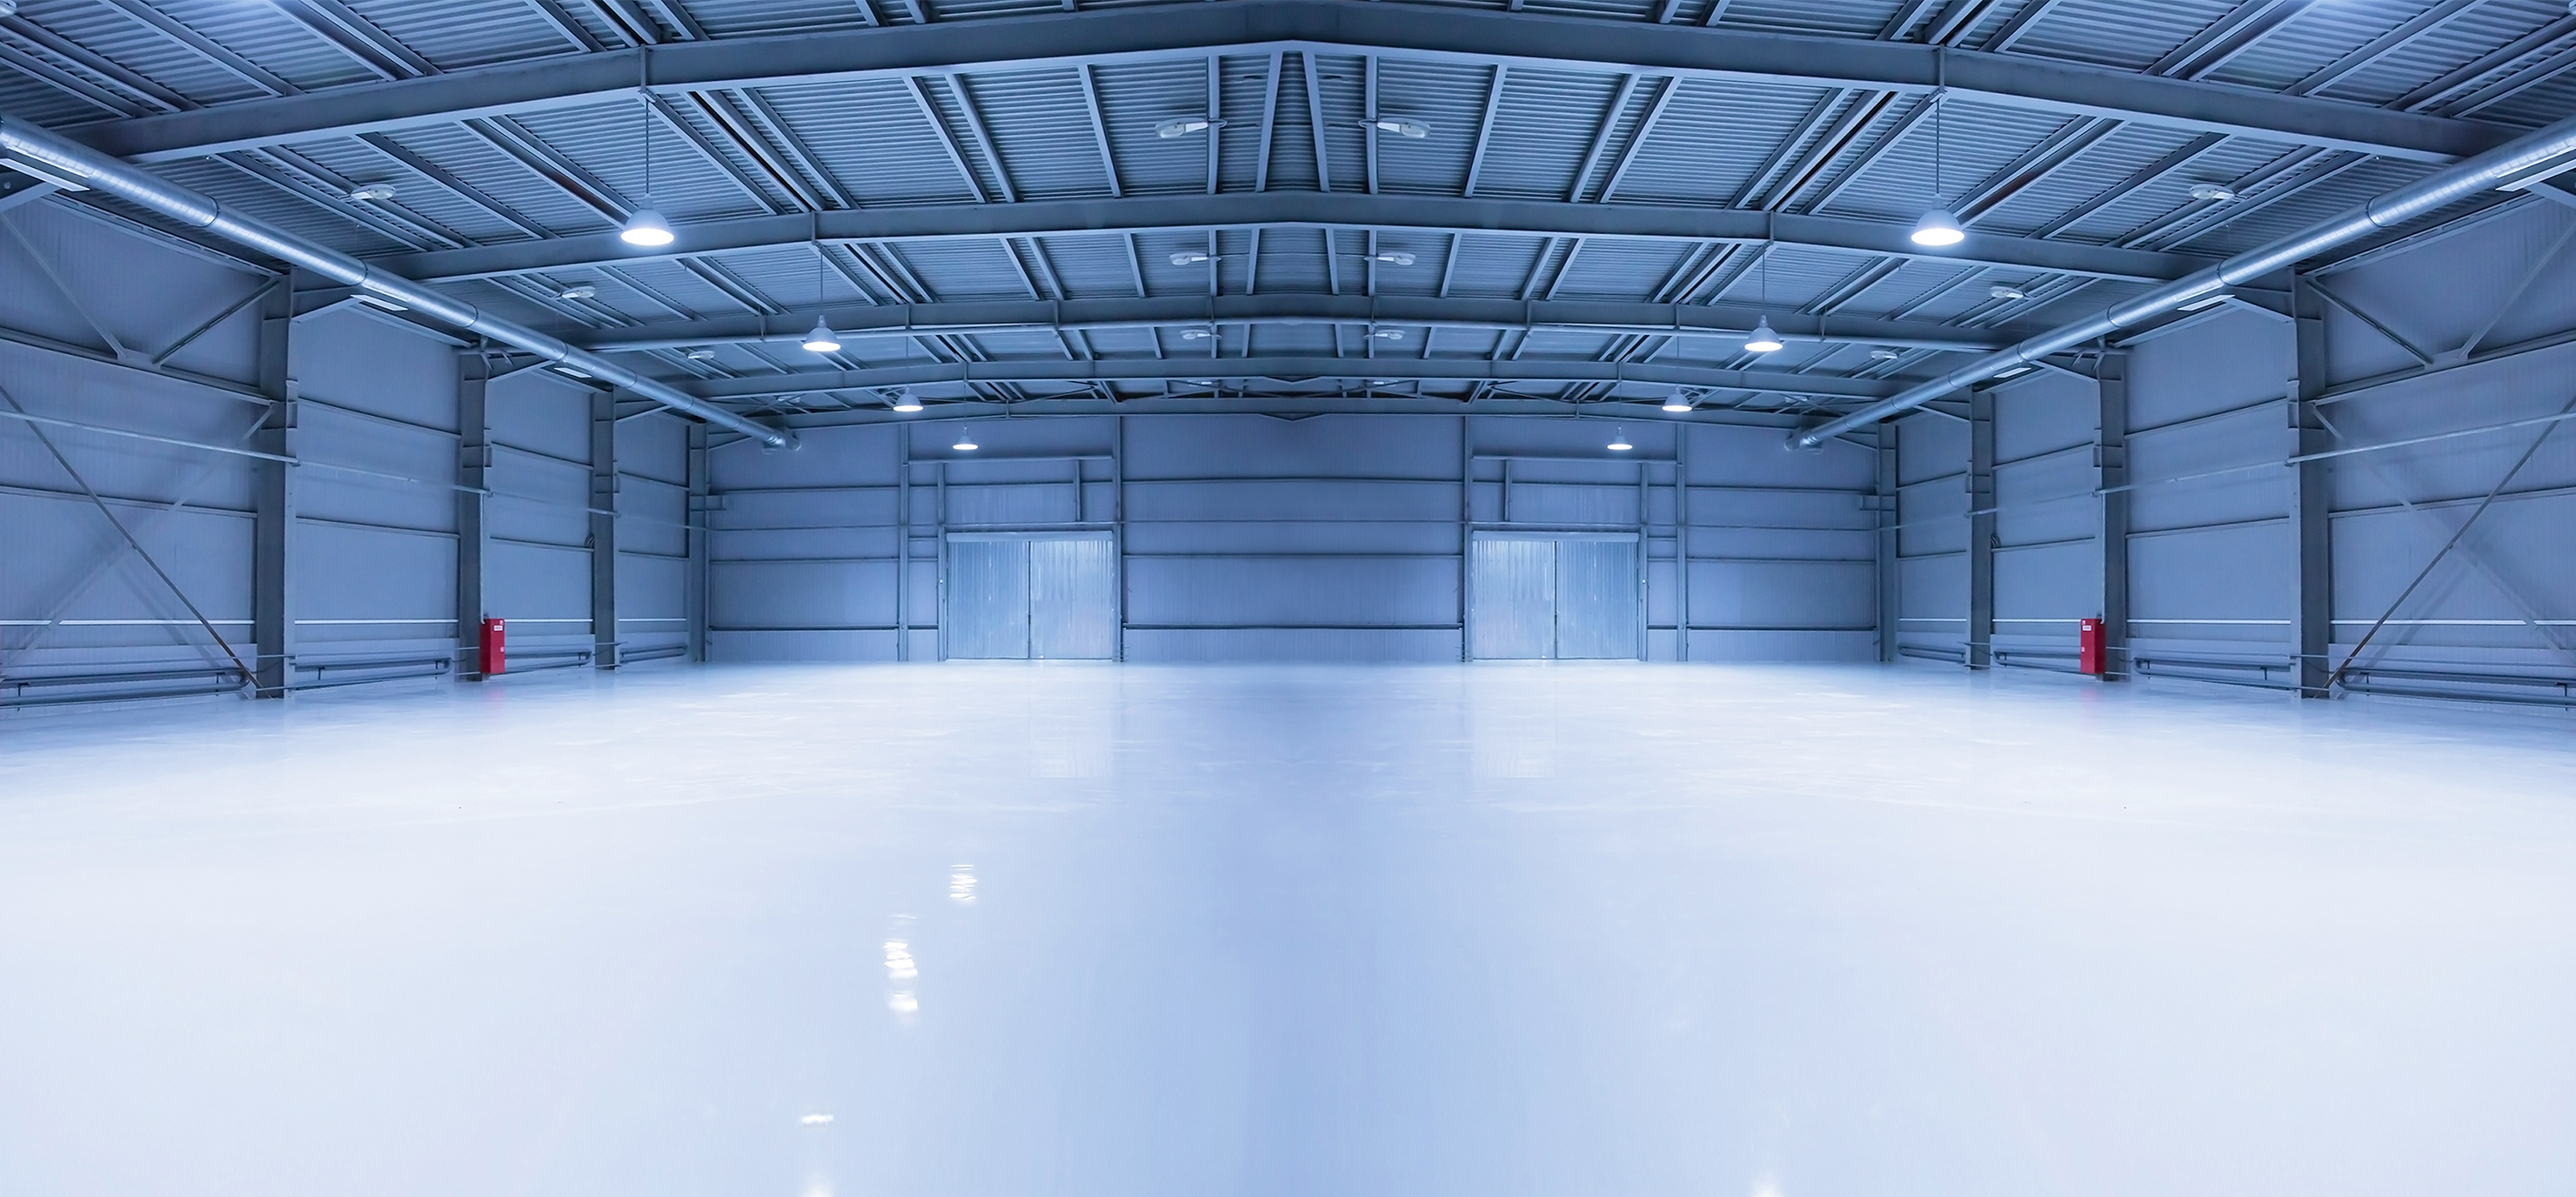 Bramy szybkobieżne dla obiektów przemysłowych.